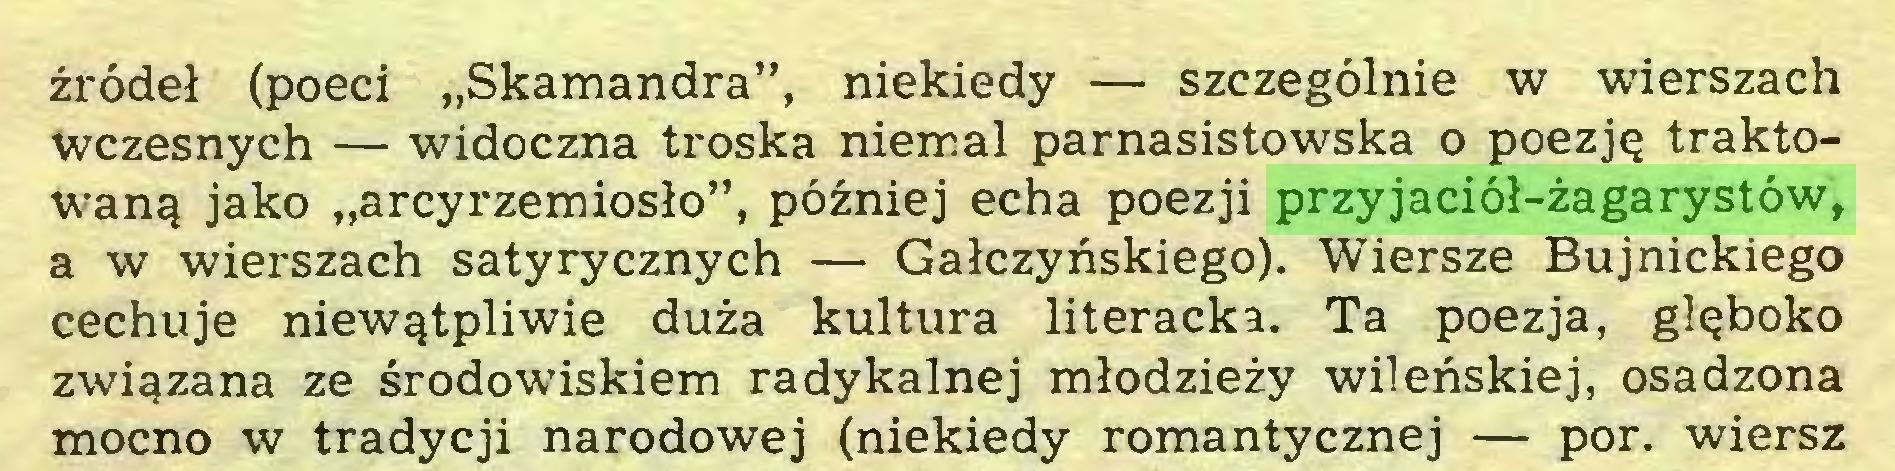 """(...) źródeł (poeci """"Skamandra"""", niekiedy — szczególnie w wierszach wczesnych — widoczna troska niemal parnasistowska o poezję traktowaną jako """"arcyrzemiosło"""", później echa poezji przyjaciół-żagarystów, a w wierszach satyrycznych — Gałczyńskiego). Wiersze Bujnickiego cechuje niewątpliwie duża kultura literacka. Ta poezja, głęboko związana ze środowiskiem radykalnej młodzieży wileńskiej, osadzona mocno w tradycji narodowej (niekiedy romantycznej — por. wiersz..."""